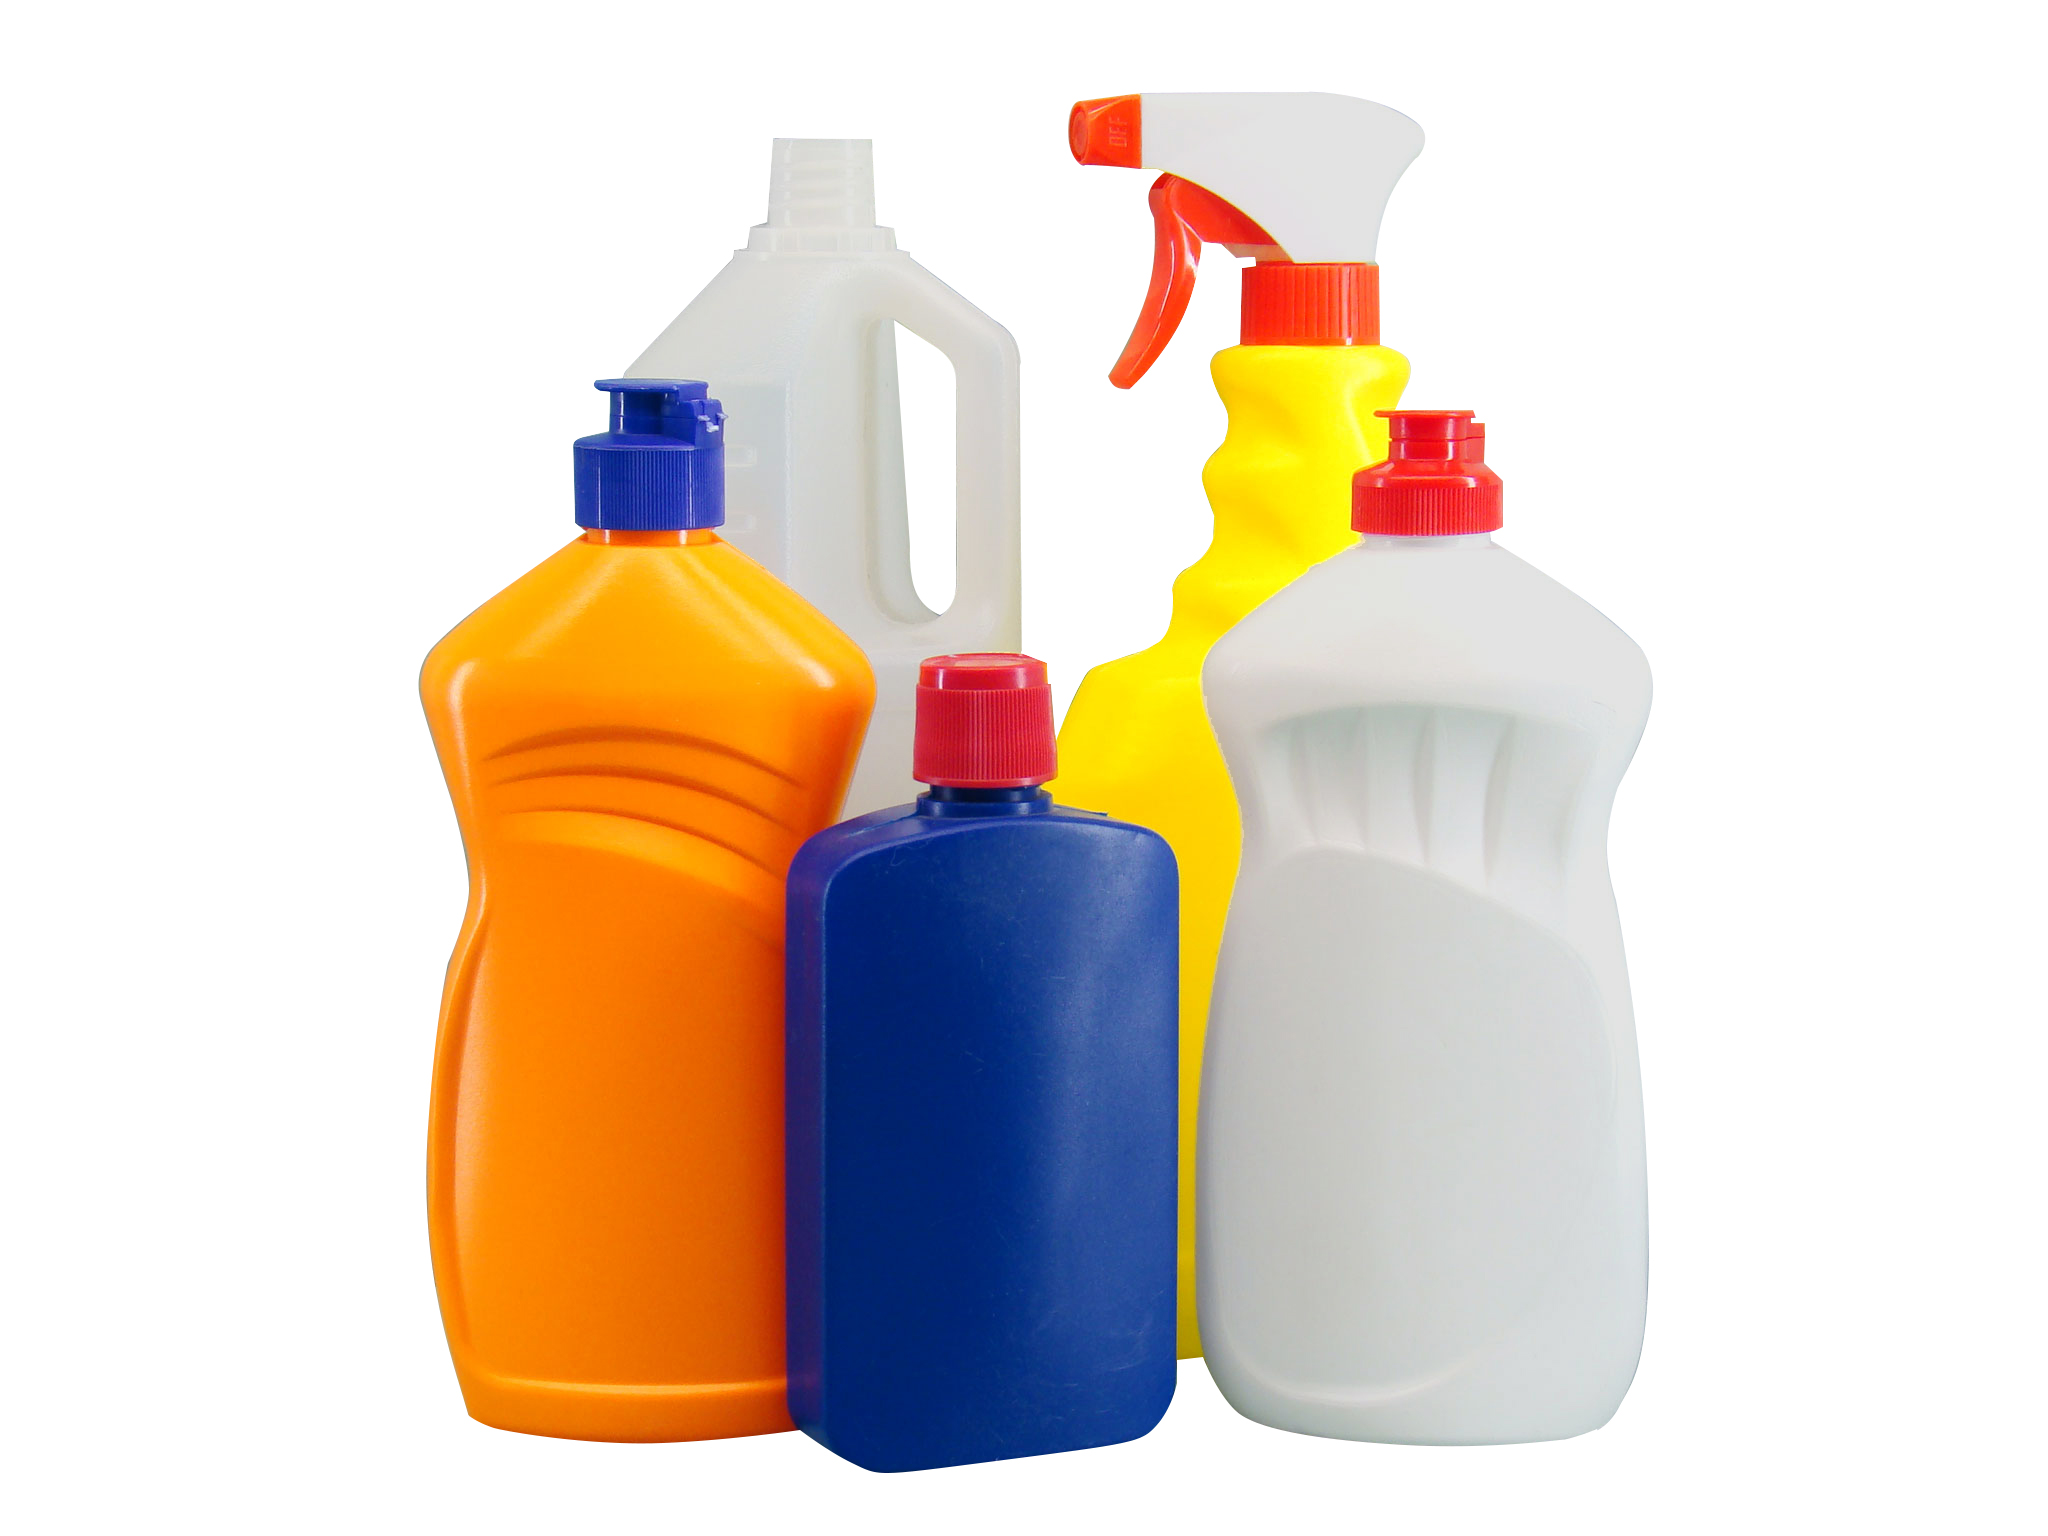 Как выбрать качественное средство для мытья посуды